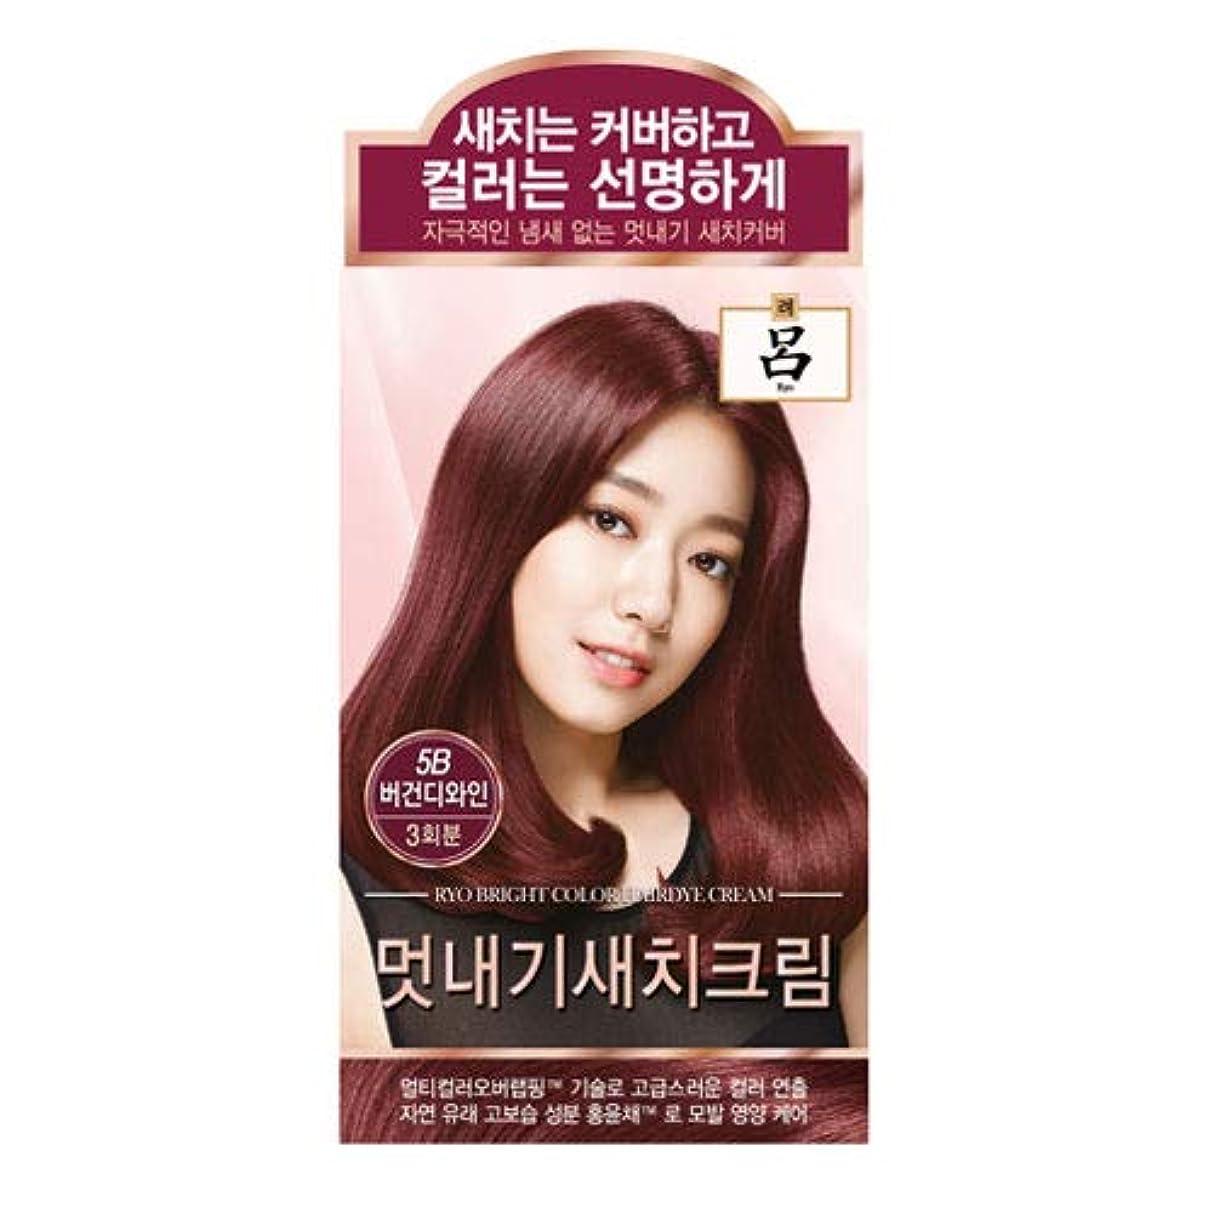 着るプレフィックスエッセンスアモーレパシフィック呂[AMOREPACIFIC/Ryo] ブライトカラーヘアダイクリーム 5B ブルゴーニュワイン/Bright Color Hairdye Cream 5B Burgundy Wine